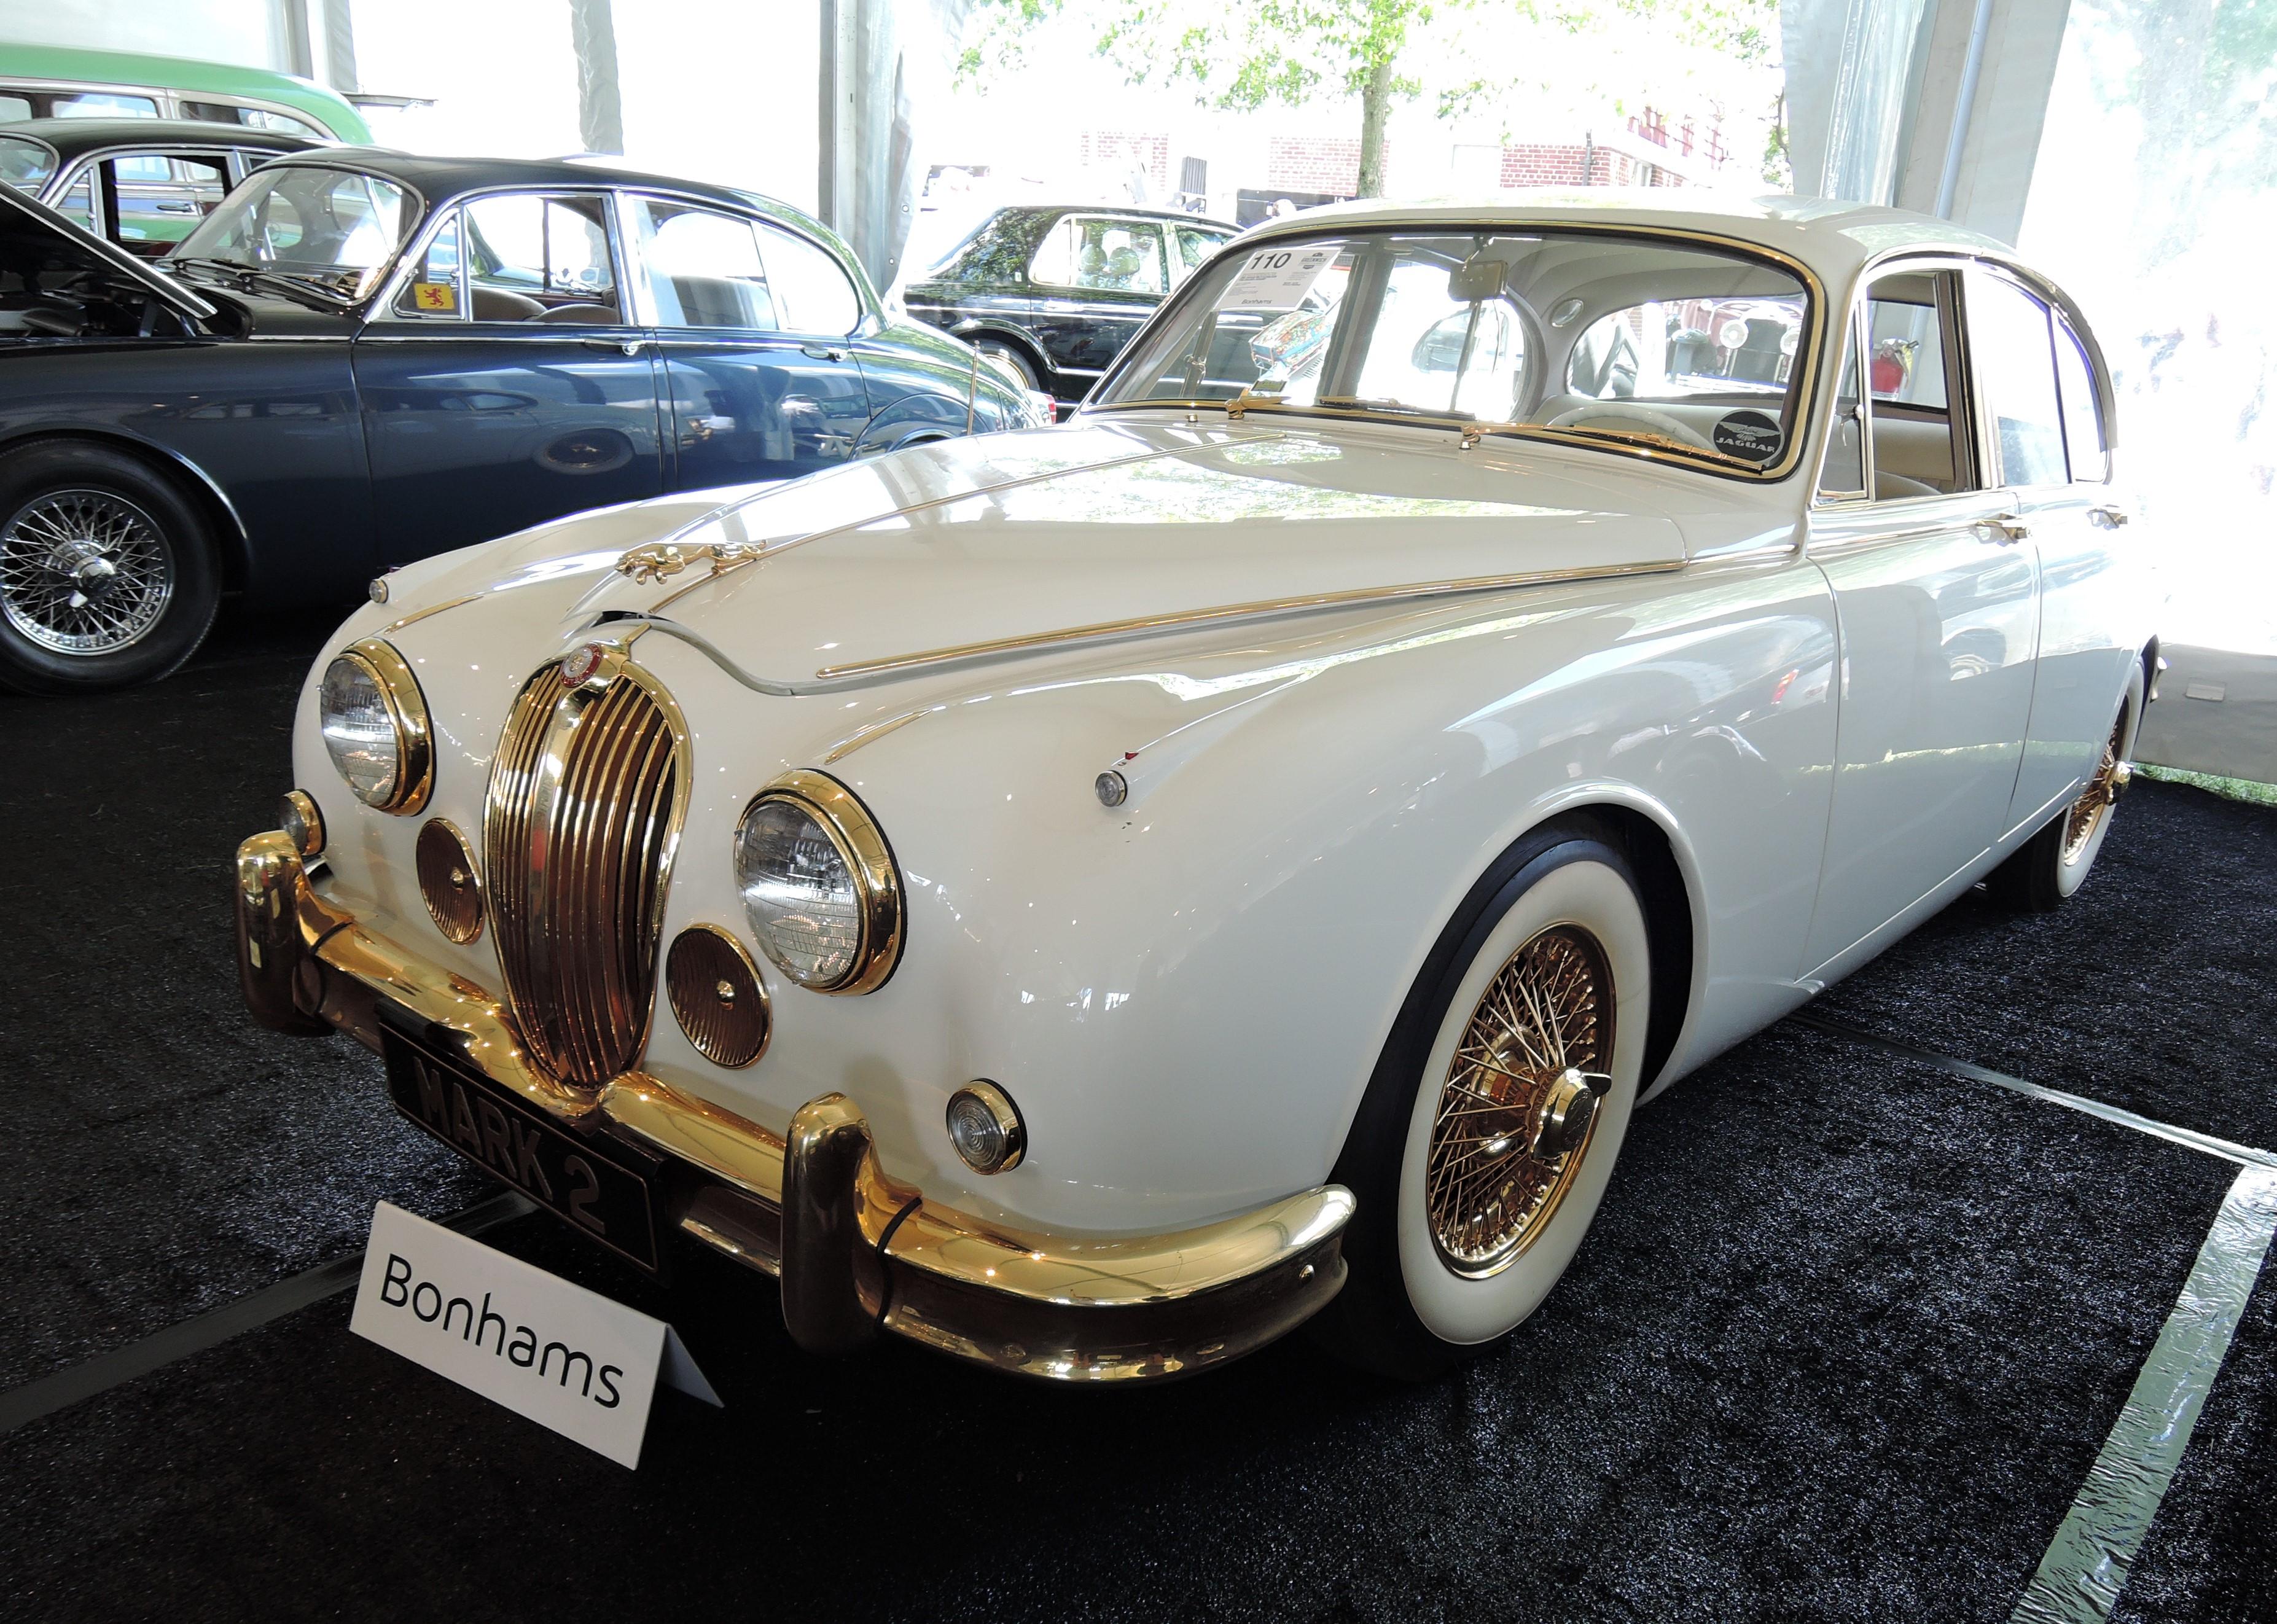 bonhams white 1960 Jaguar MKII 3.8 Saloon 'The Golden Jaguar' recreation - Greenwich Concours d'Elegance 2017